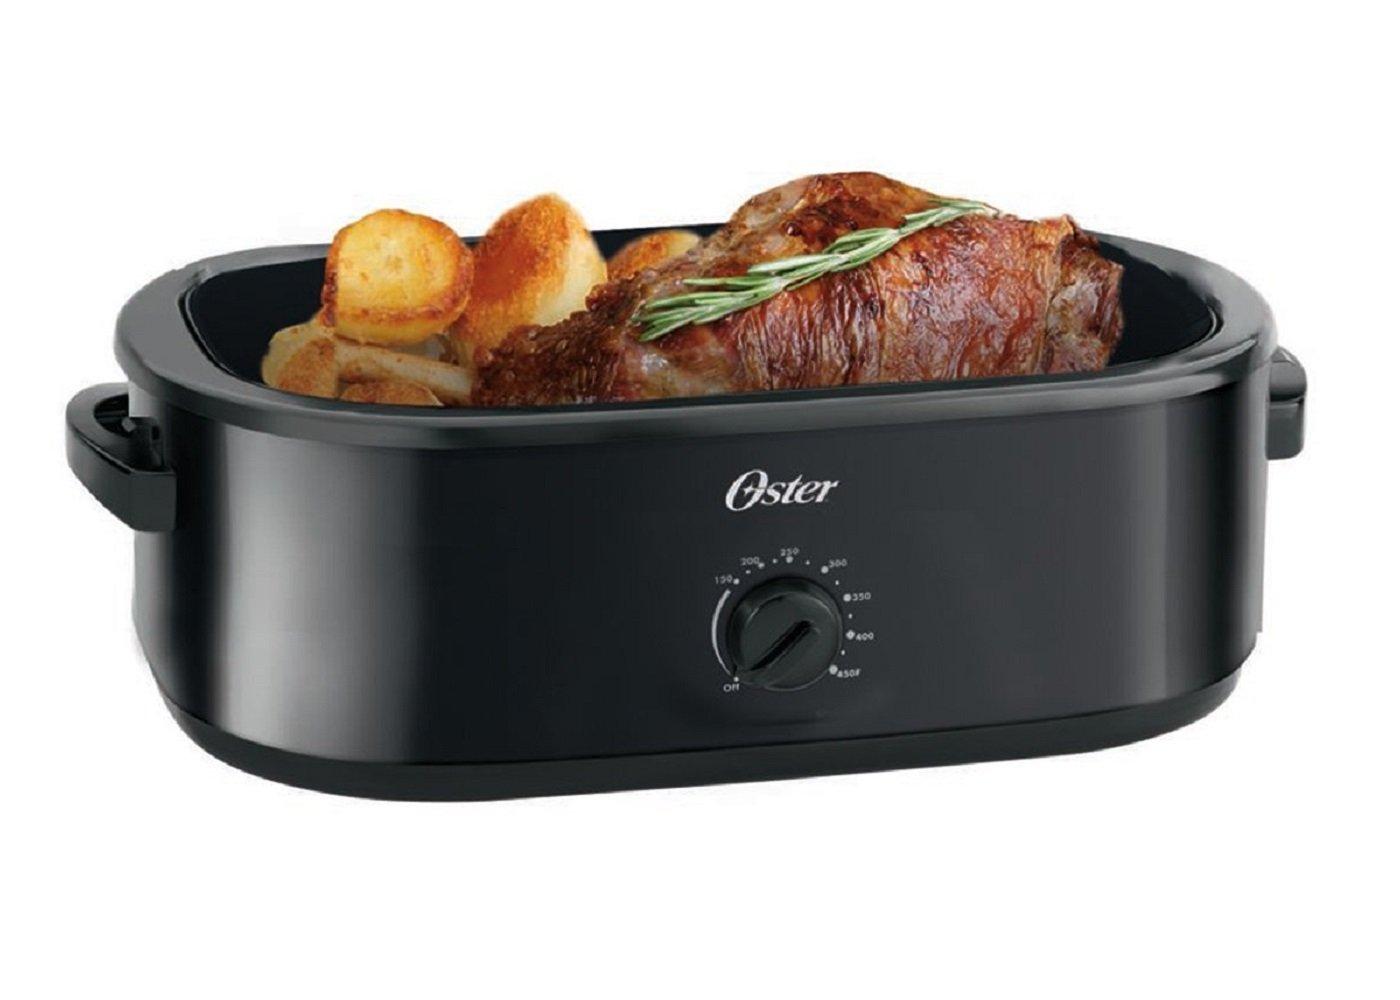 Oster CKSTRS16-BSB-D Roaster Oven, Black